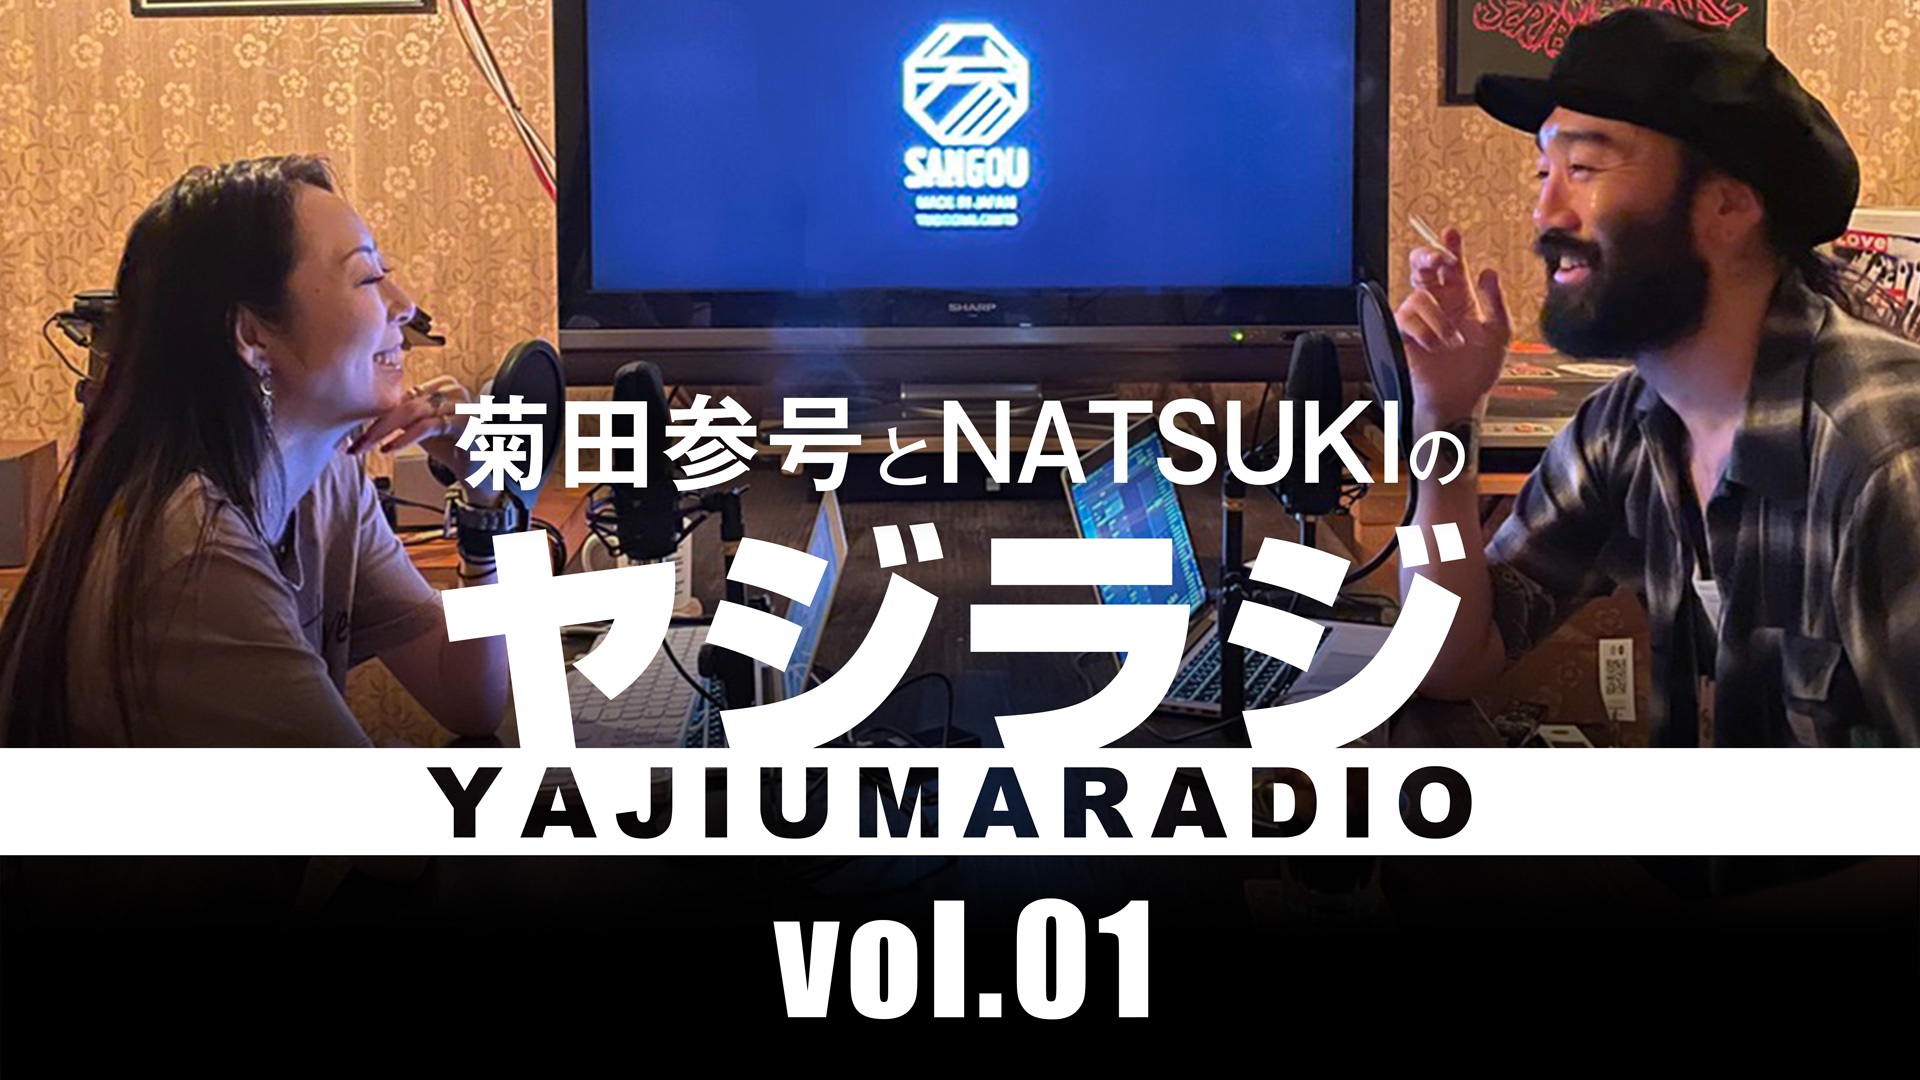 【vol.01】参号とナツキがラジオやるってよ / 菊田参号とNATSUKIの「ヤジウマラジオ」